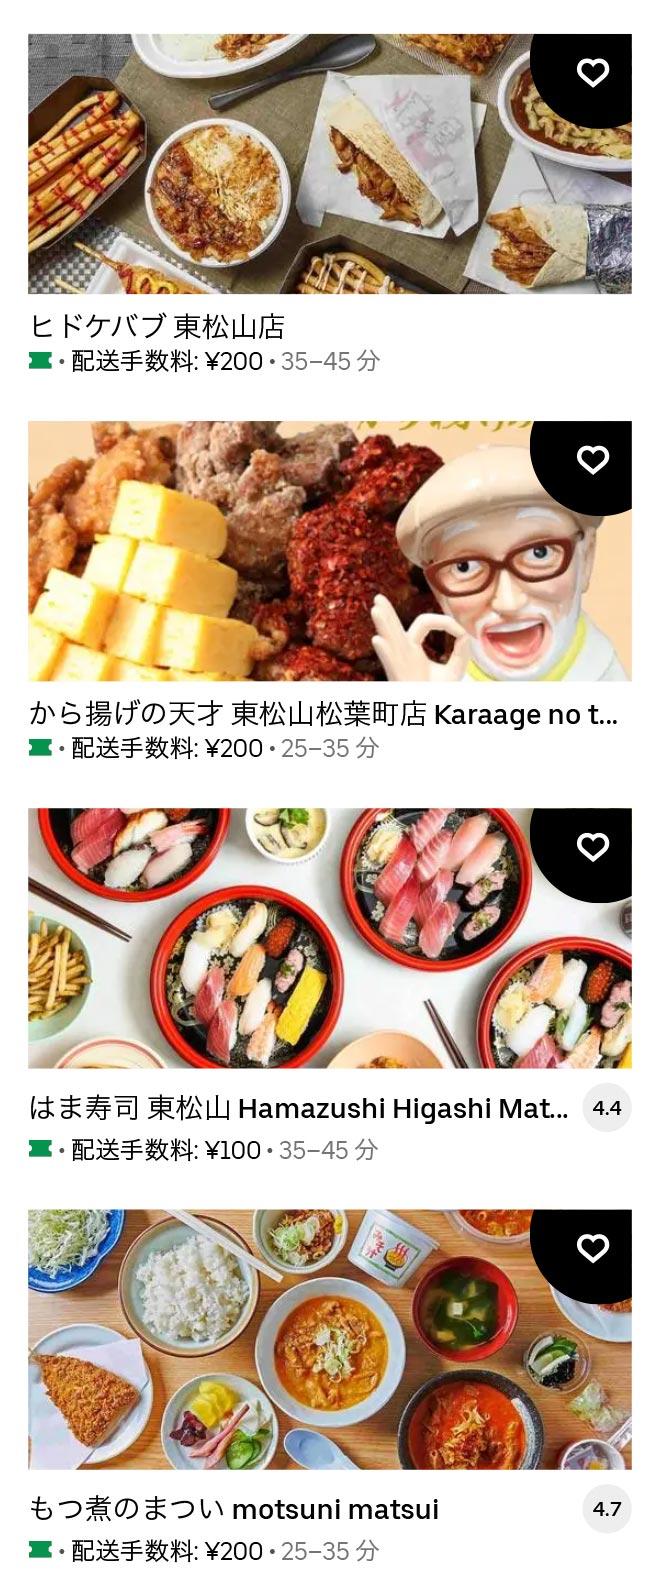 Higashi matsuyama 2102 4